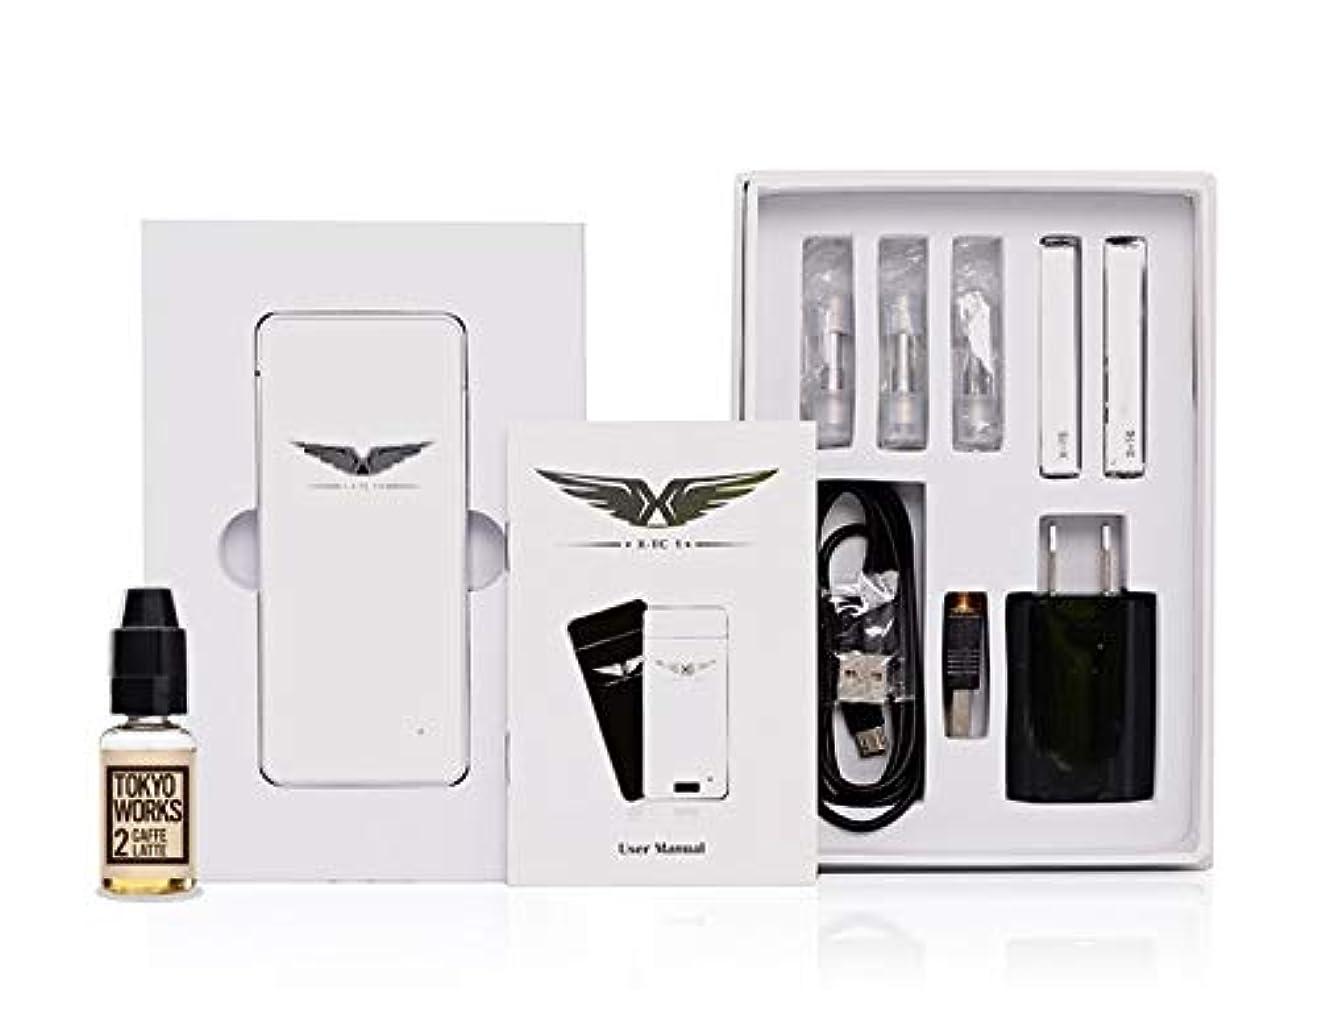 スローガン溢れんばかりの民主主義X-TC1(ホワイトカラー TOKYO WORKSカフェラテセット)/ シガレット型/VAPE / 電子タバコ/スターターキット /JOECIG/最新型アトマイザー付き /禁煙セット/USBアダプター付き/日本語説明書付き